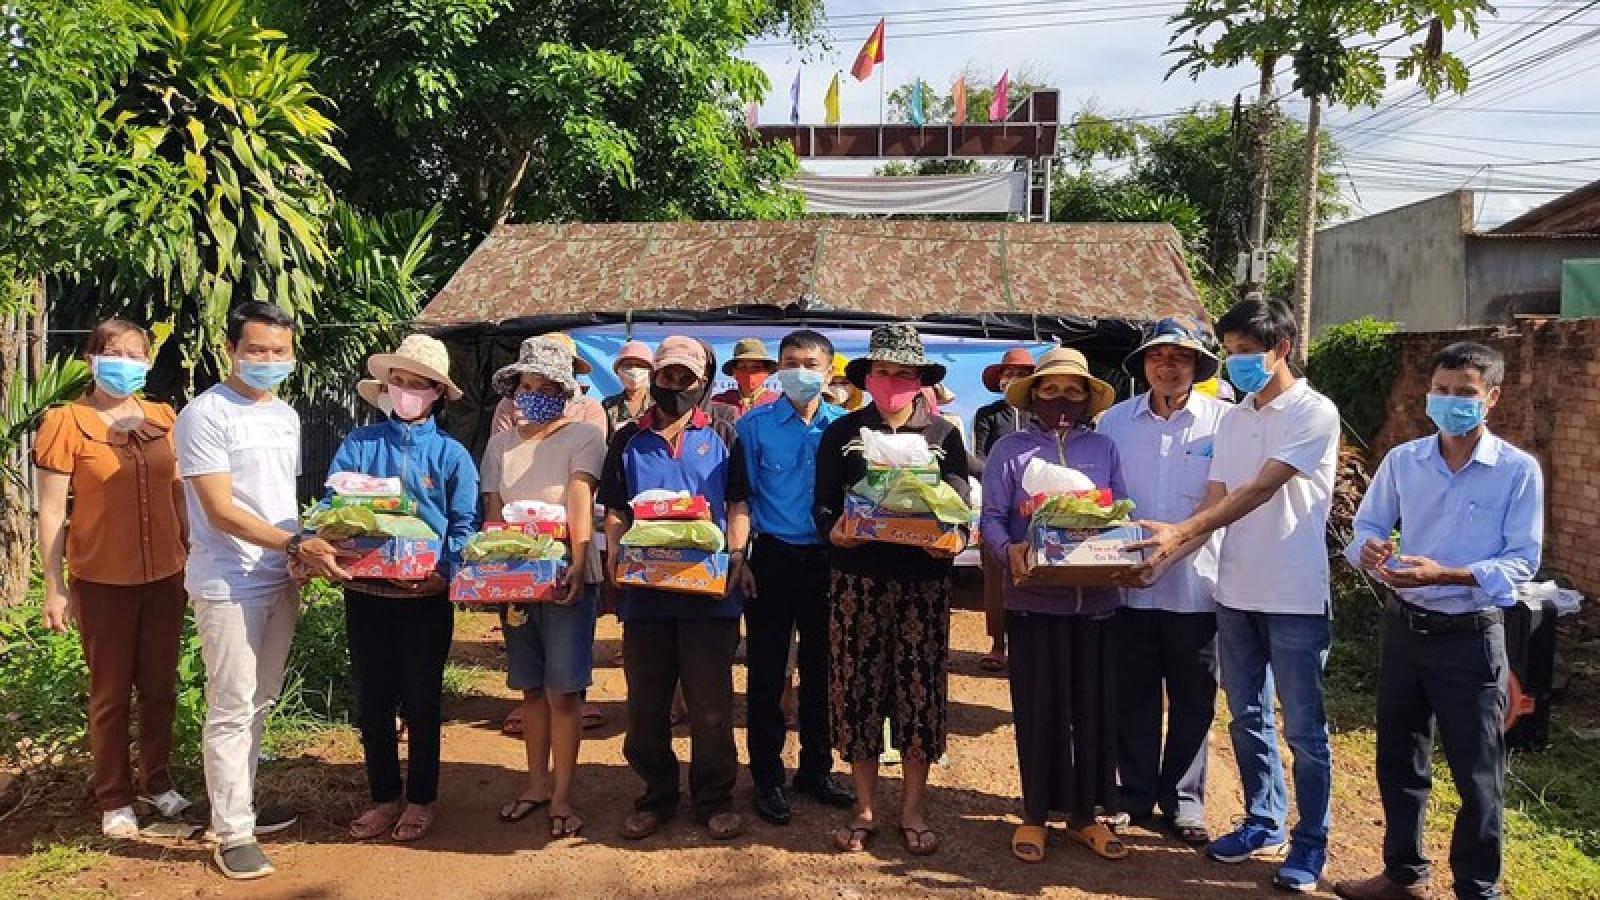 Hỗ trợ nhu yếu phẩm cho bà con vùng cách ly bạch hầu ở Đắk Lắk